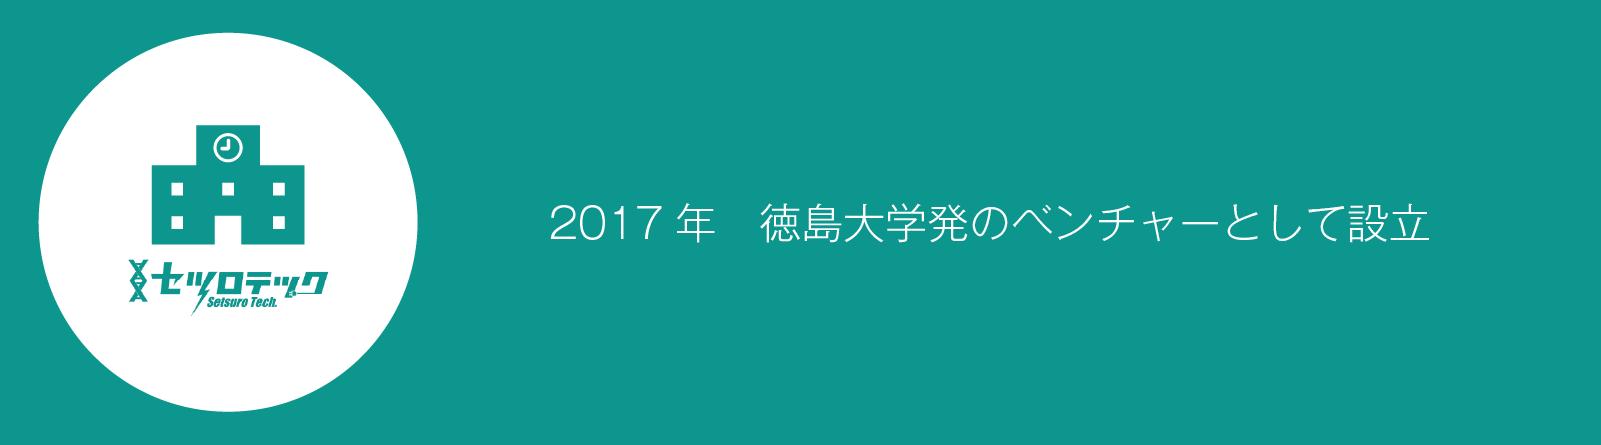 セツロテック 2017年 大学発のベンチャーとして設立